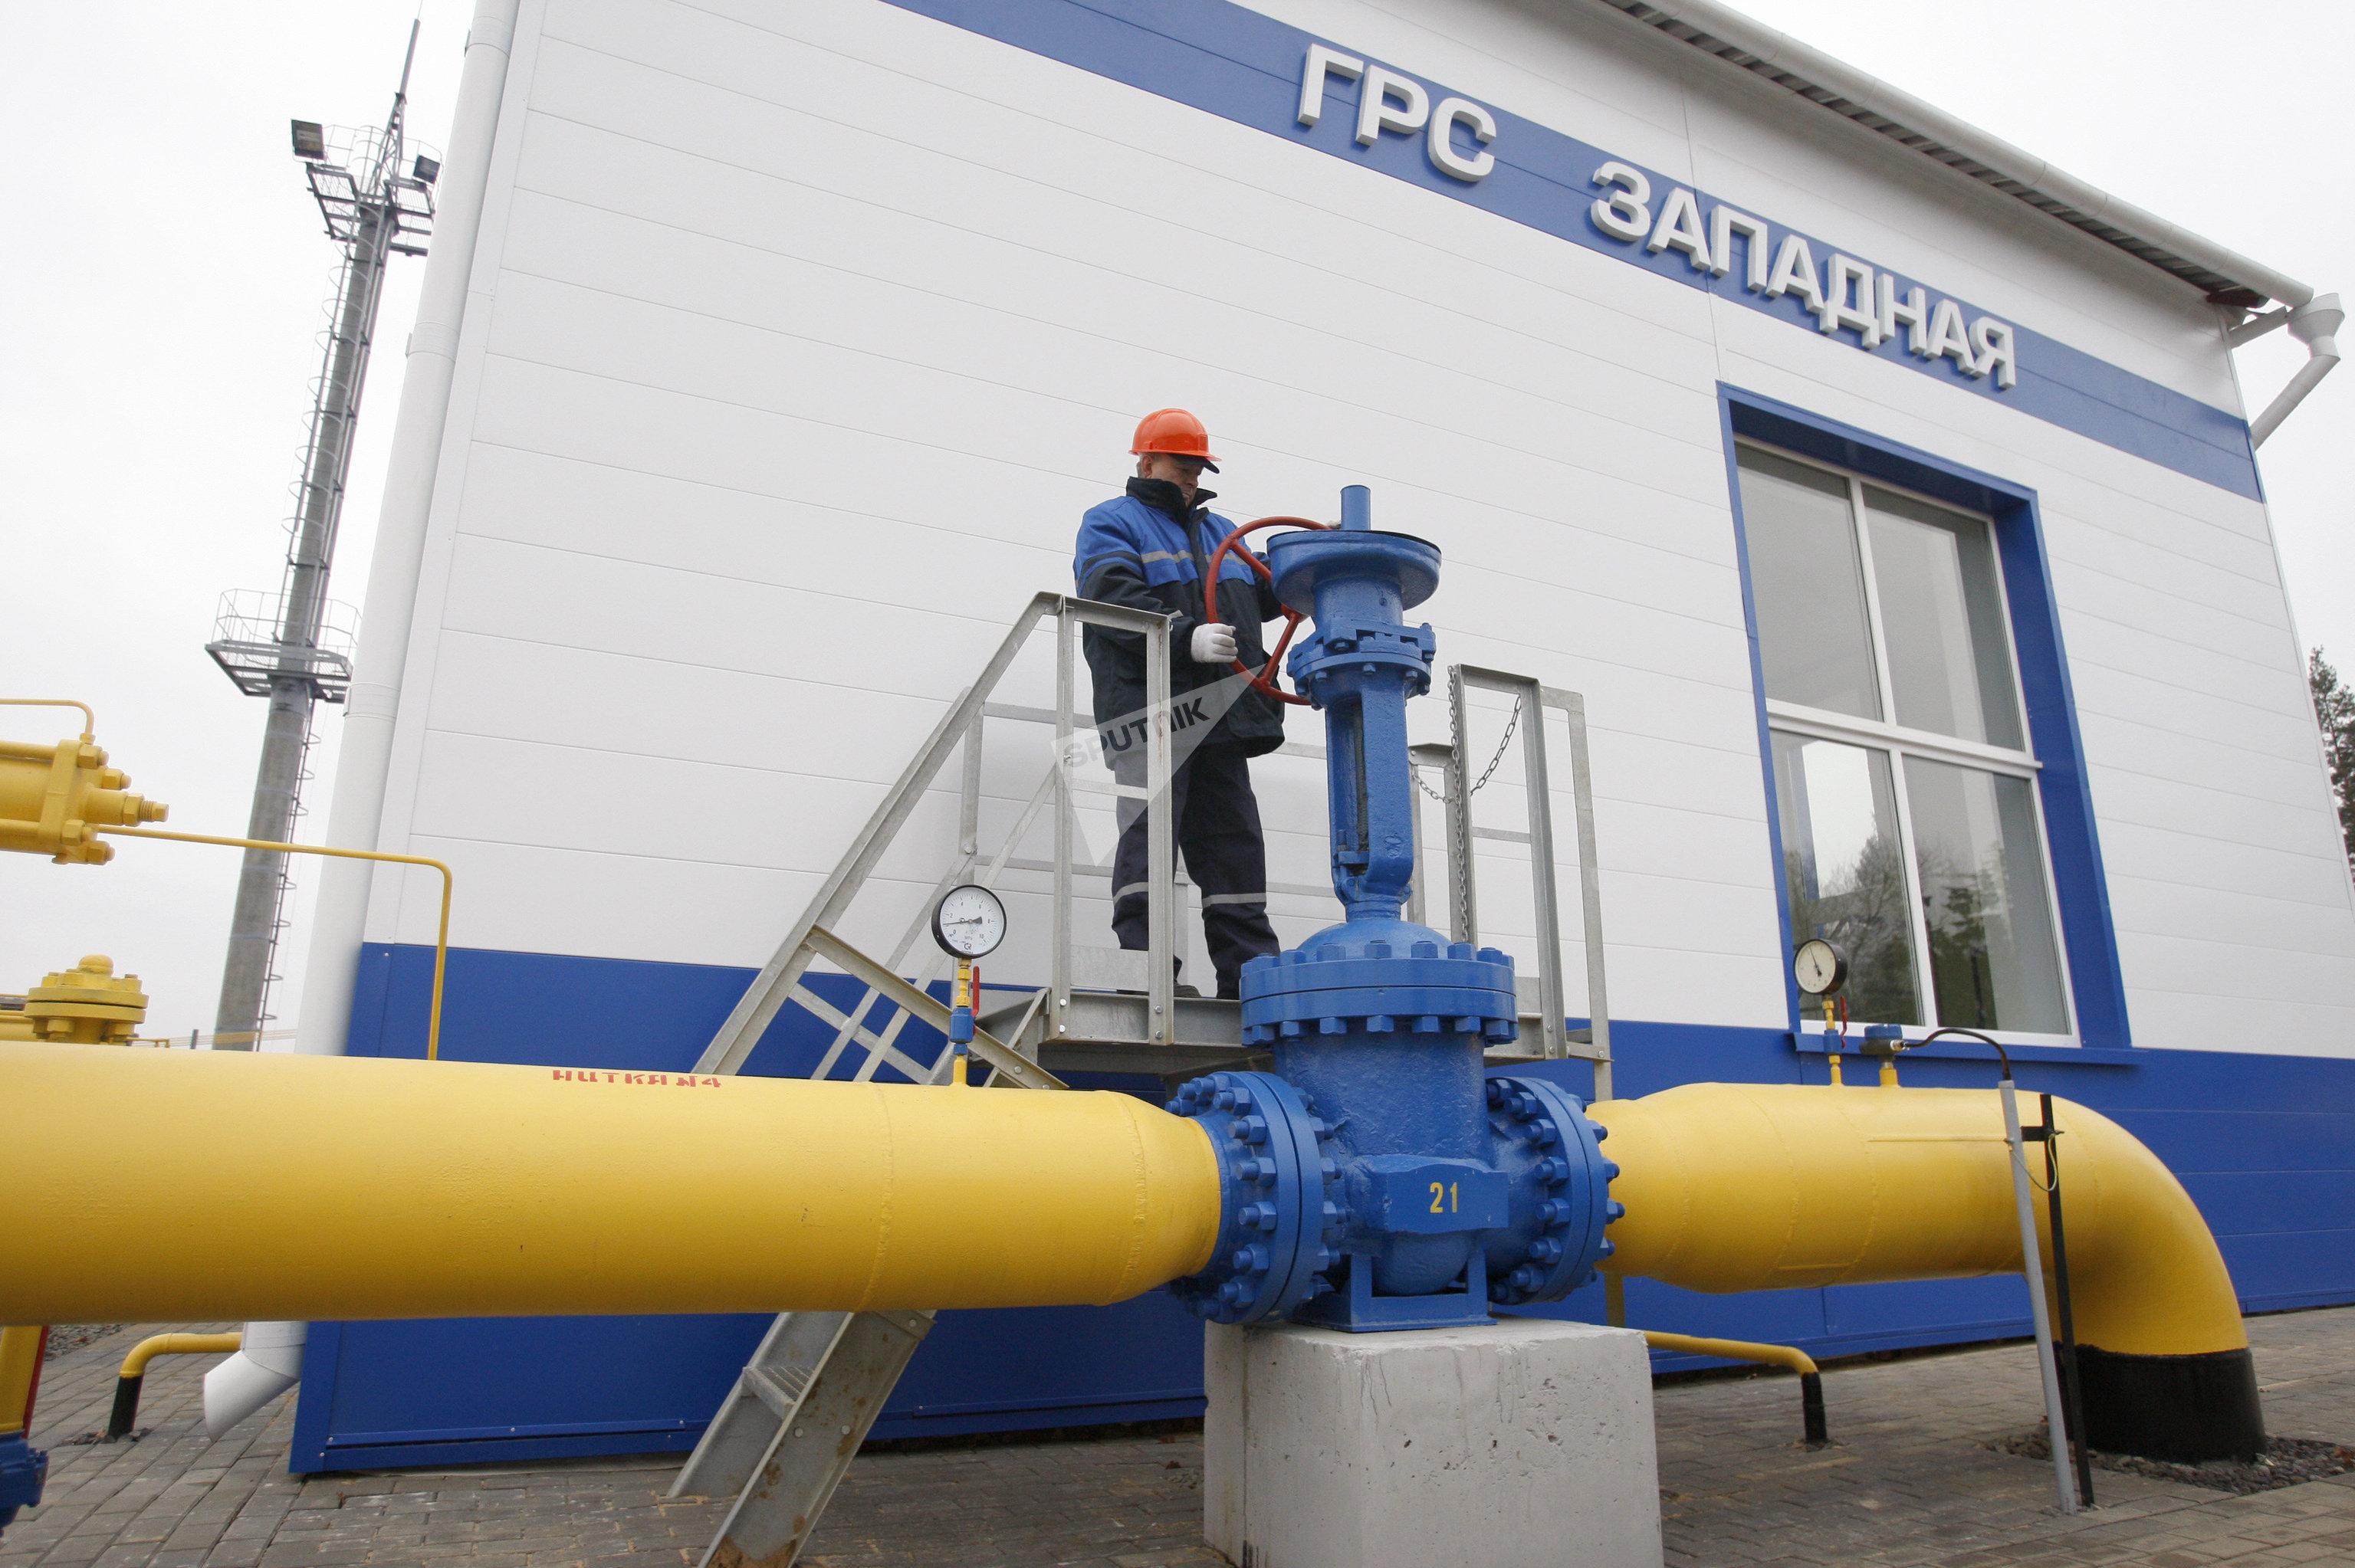 Les exportations grandissantes de gaz à destination de asiatique n'empêchent pas Gazprom d'assurer la sécurité énergétique de l'Europe